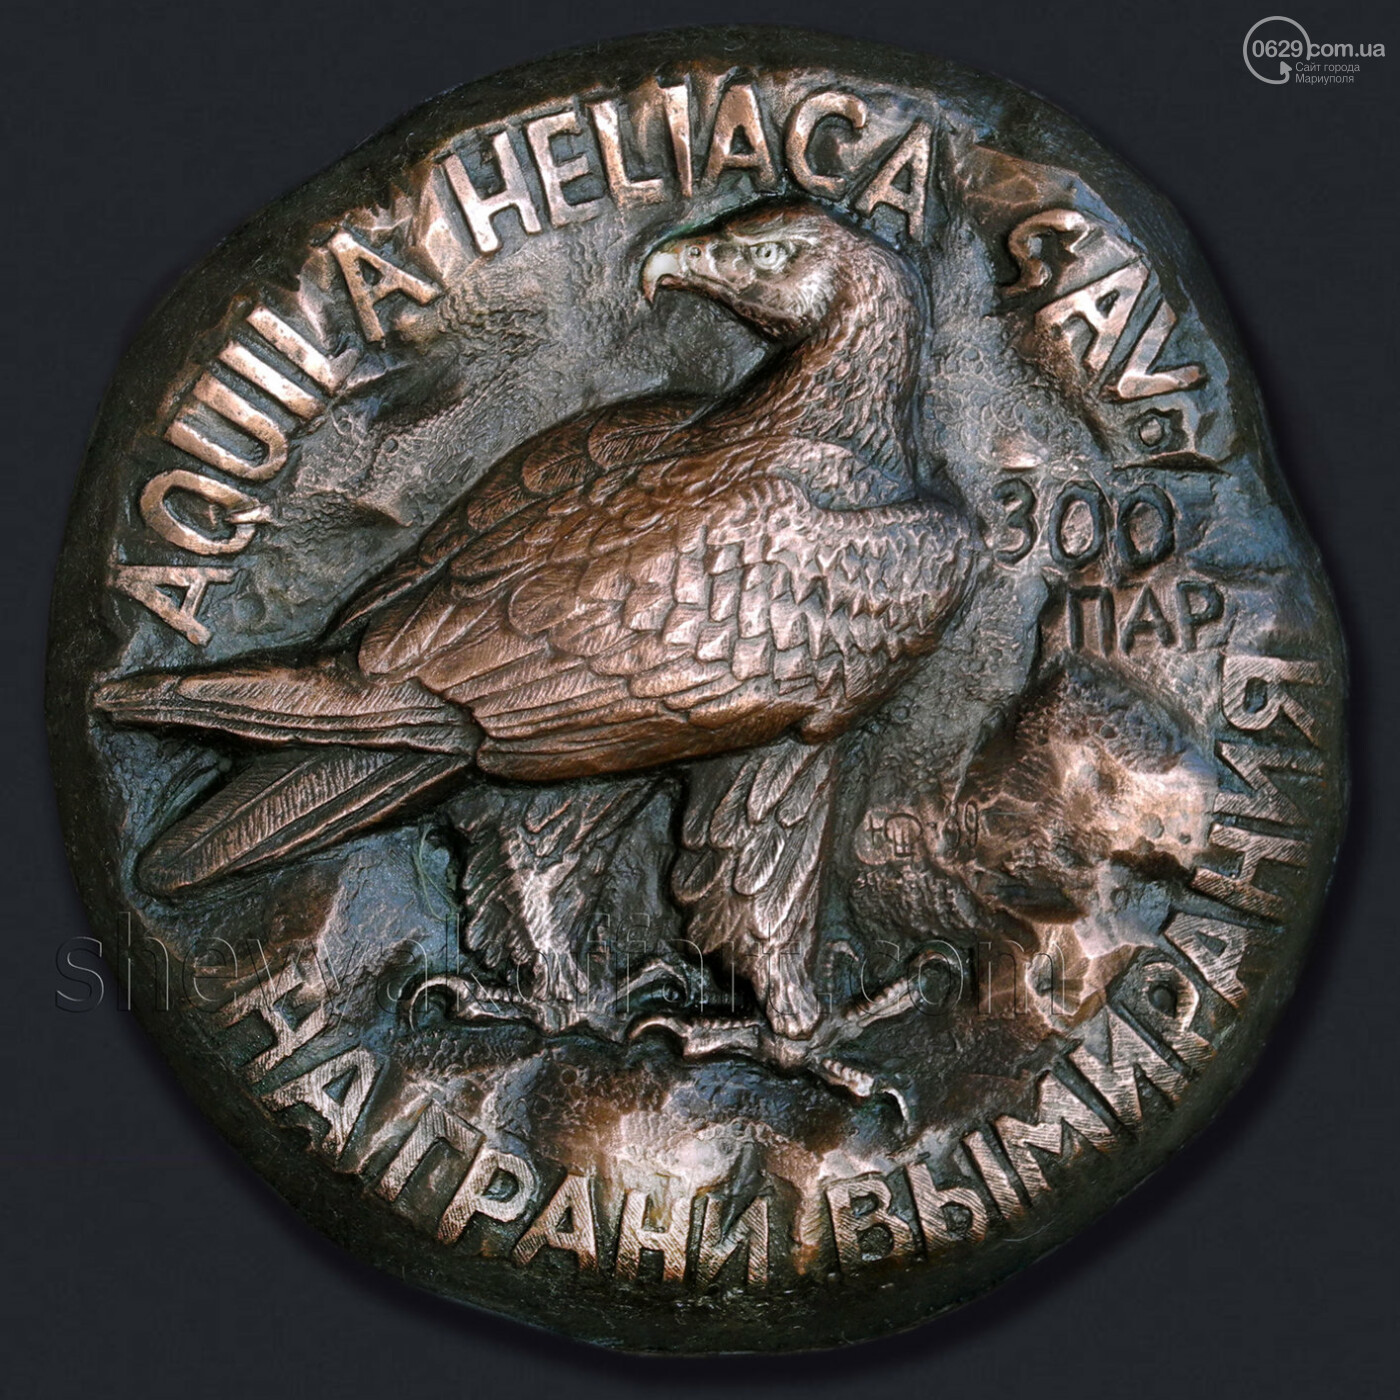 Философия в металле. Известный медальер подарил Мариуполю уникальные плакеты, - ФОТО, фото-8